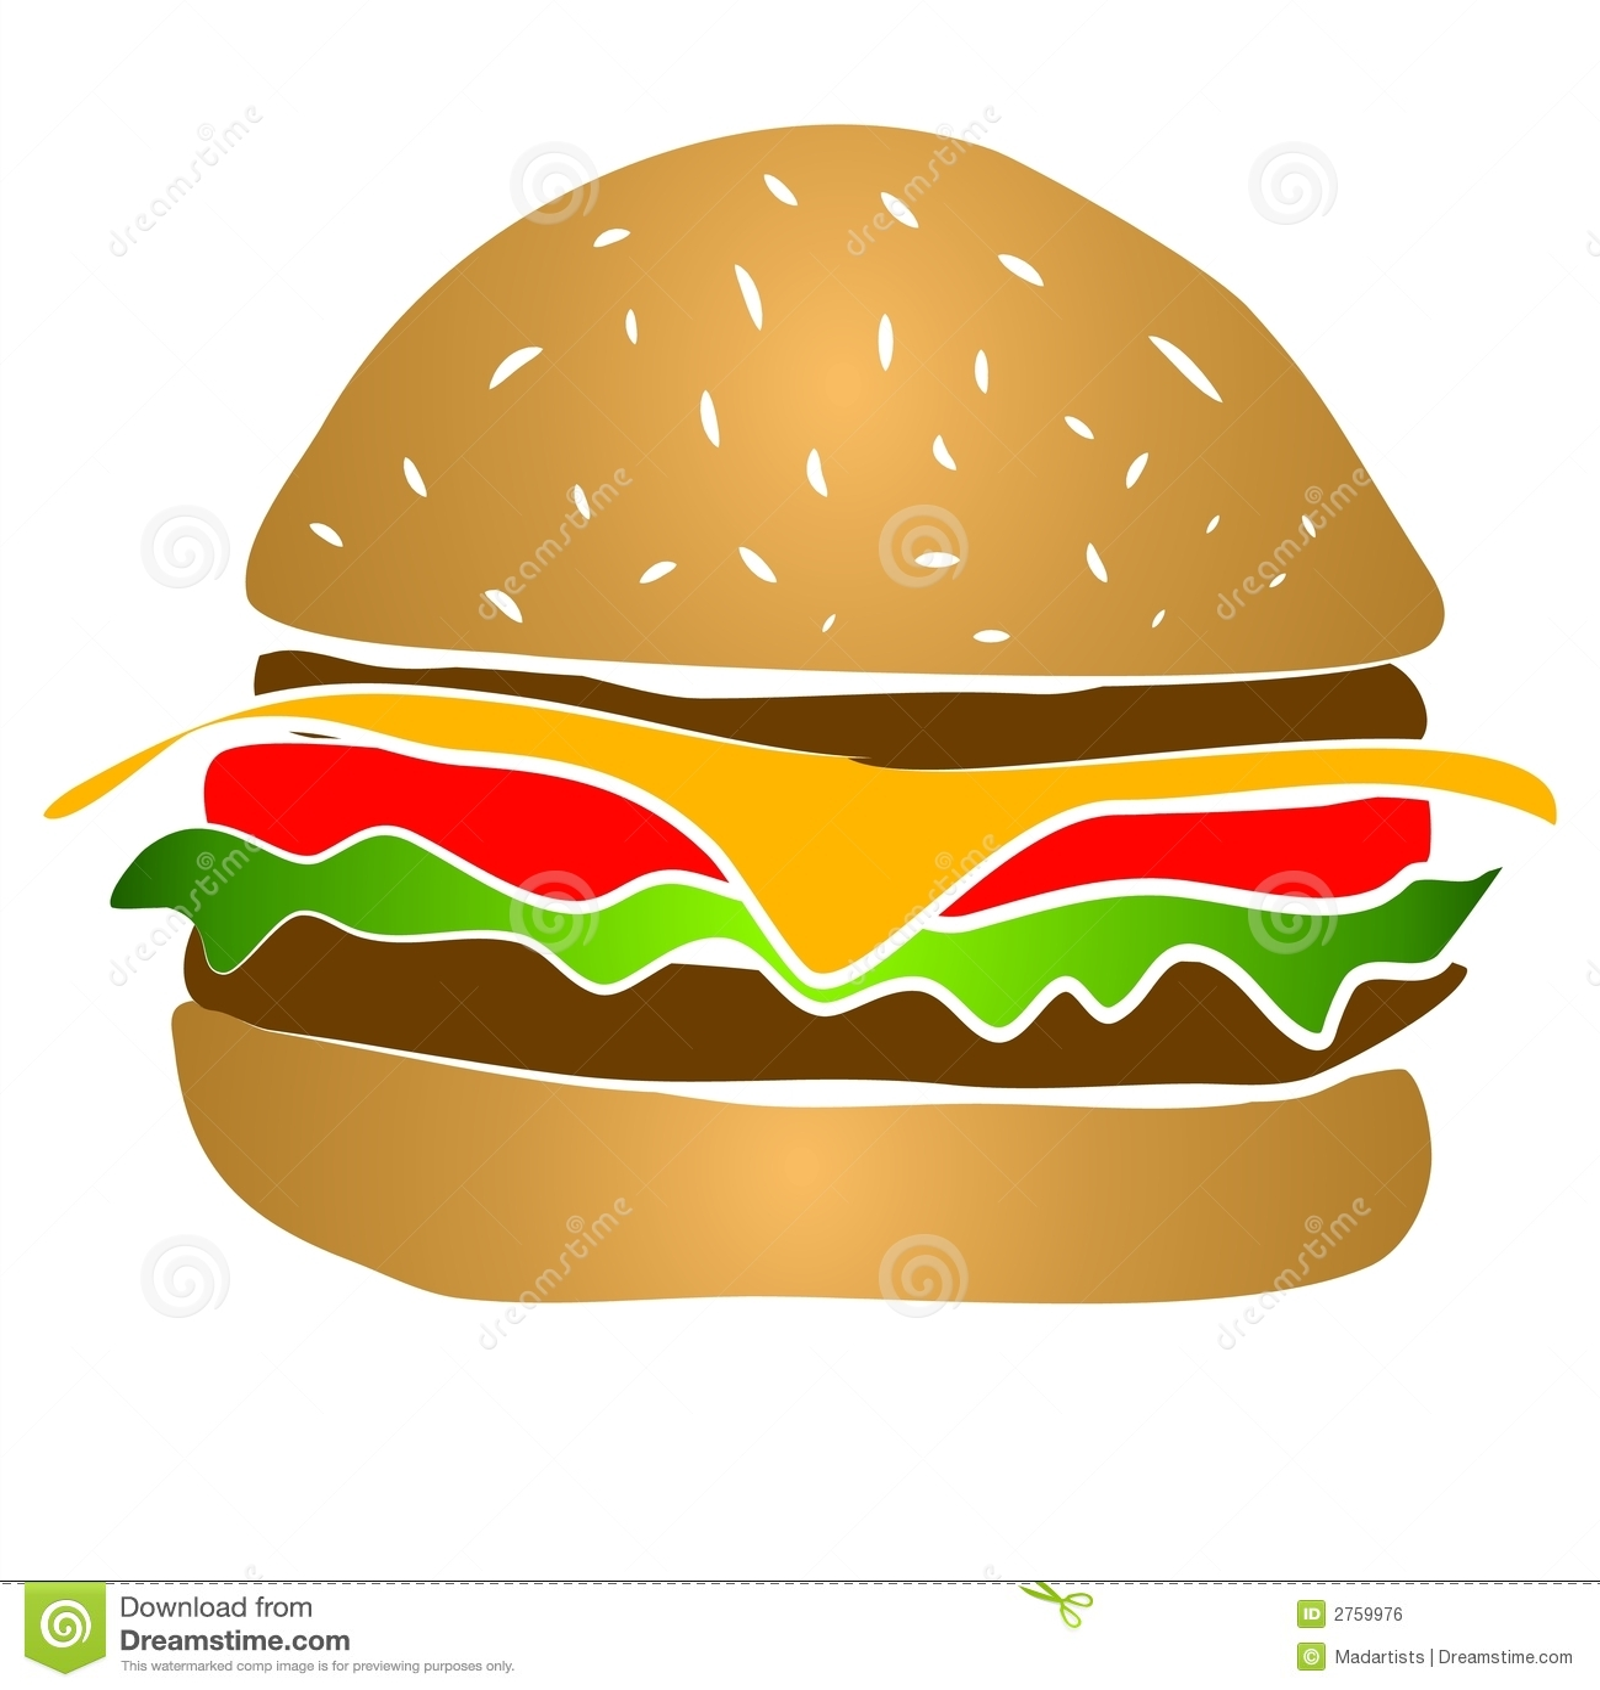 Hamburger Clipart do cheeseburger